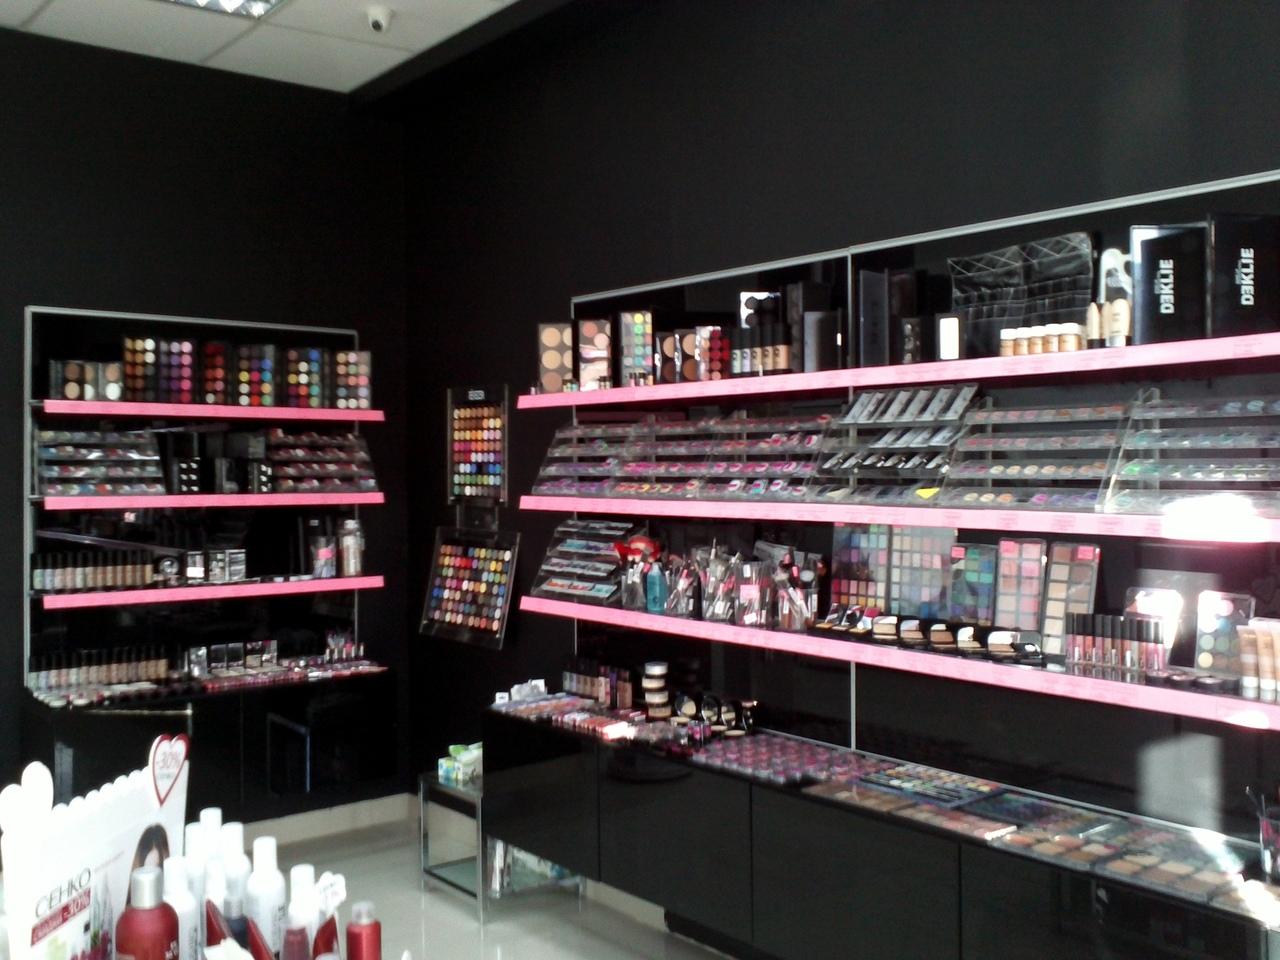 Купить оборудование для парфюмерии и косметики катрис косметика купить в хабаровске